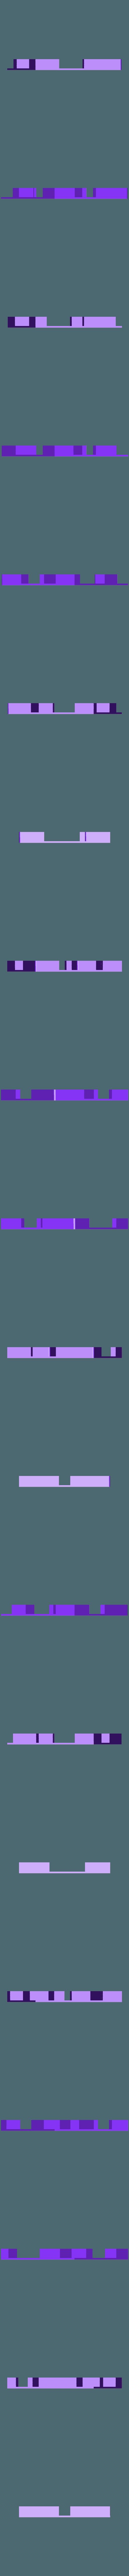 jabba-map-tray-3.STL Télécharger fichier STL gratuit Assaut impérial : Jabba's Realm - Organisateur de tuiles de carte • Plan pour impression 3D, nickgrawburg